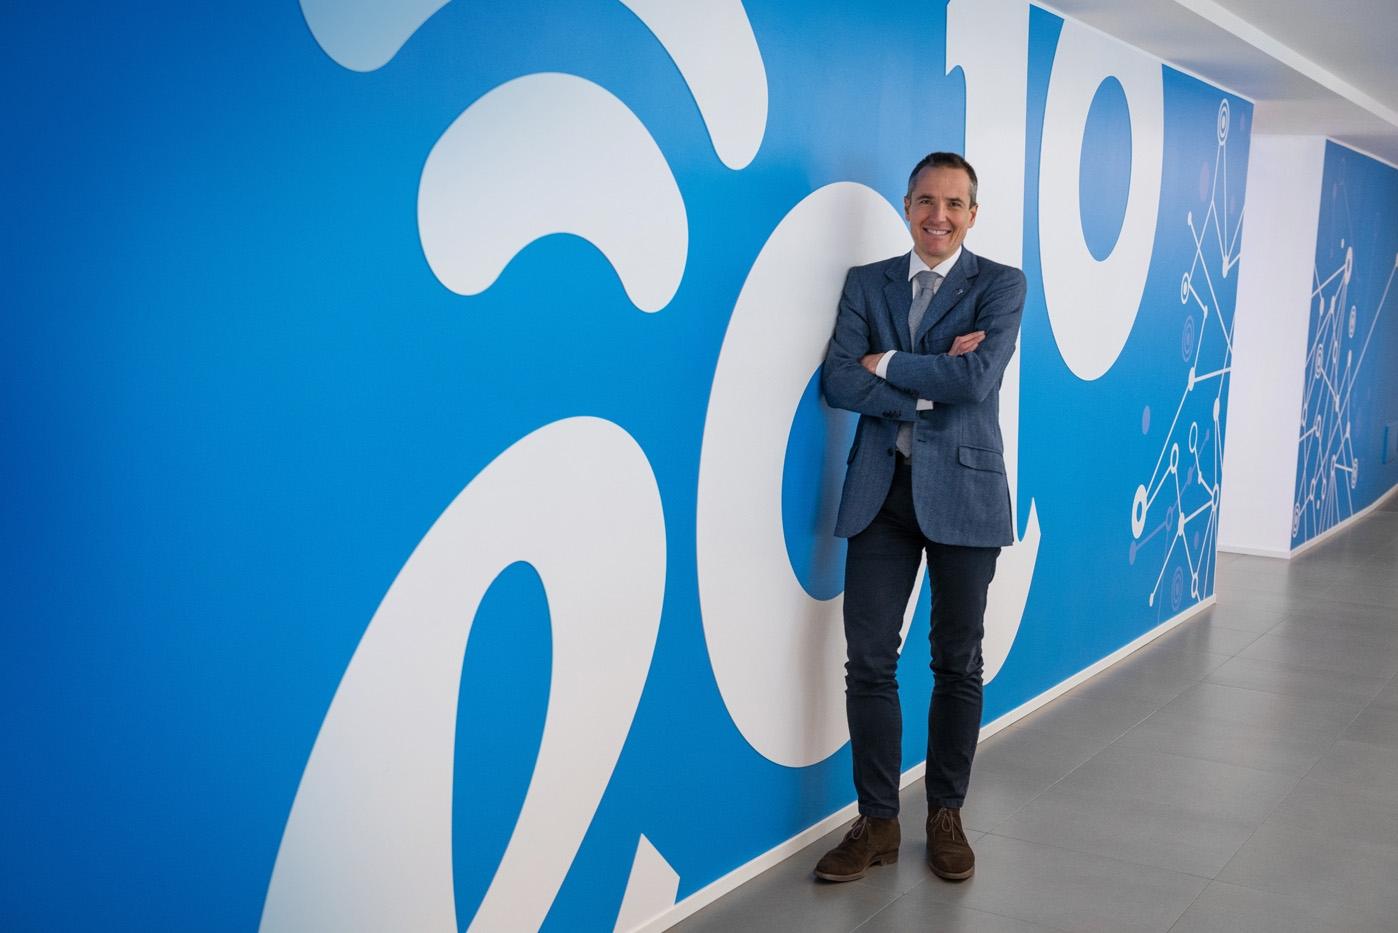 Luca Spada, presidente di NGI, che possiede il marchio Eolo